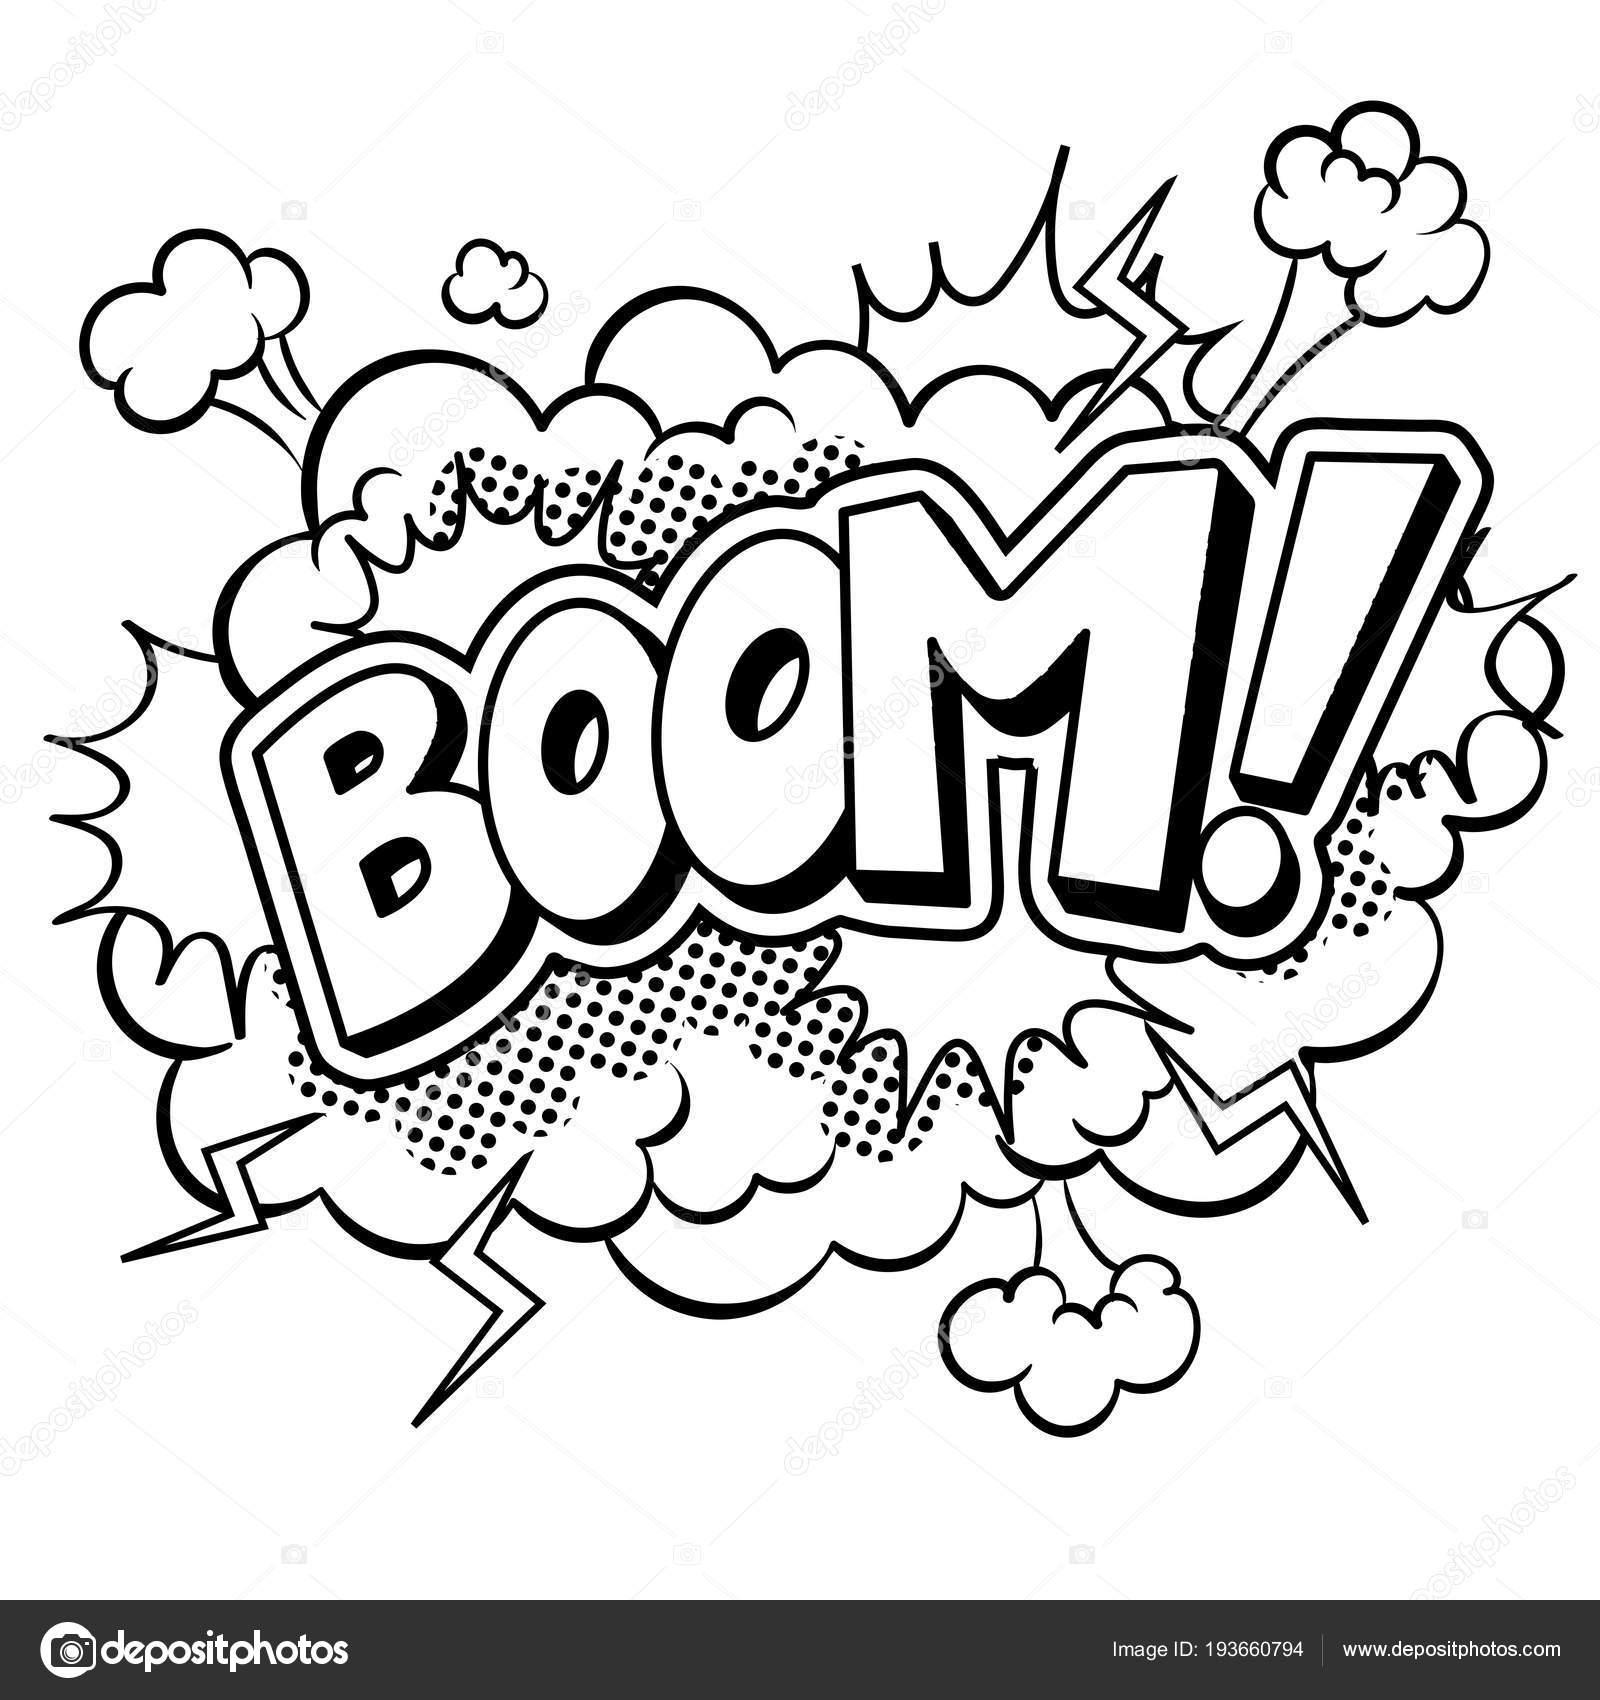 Cómic de la palabra boom para colorear ilustración vectorial ...